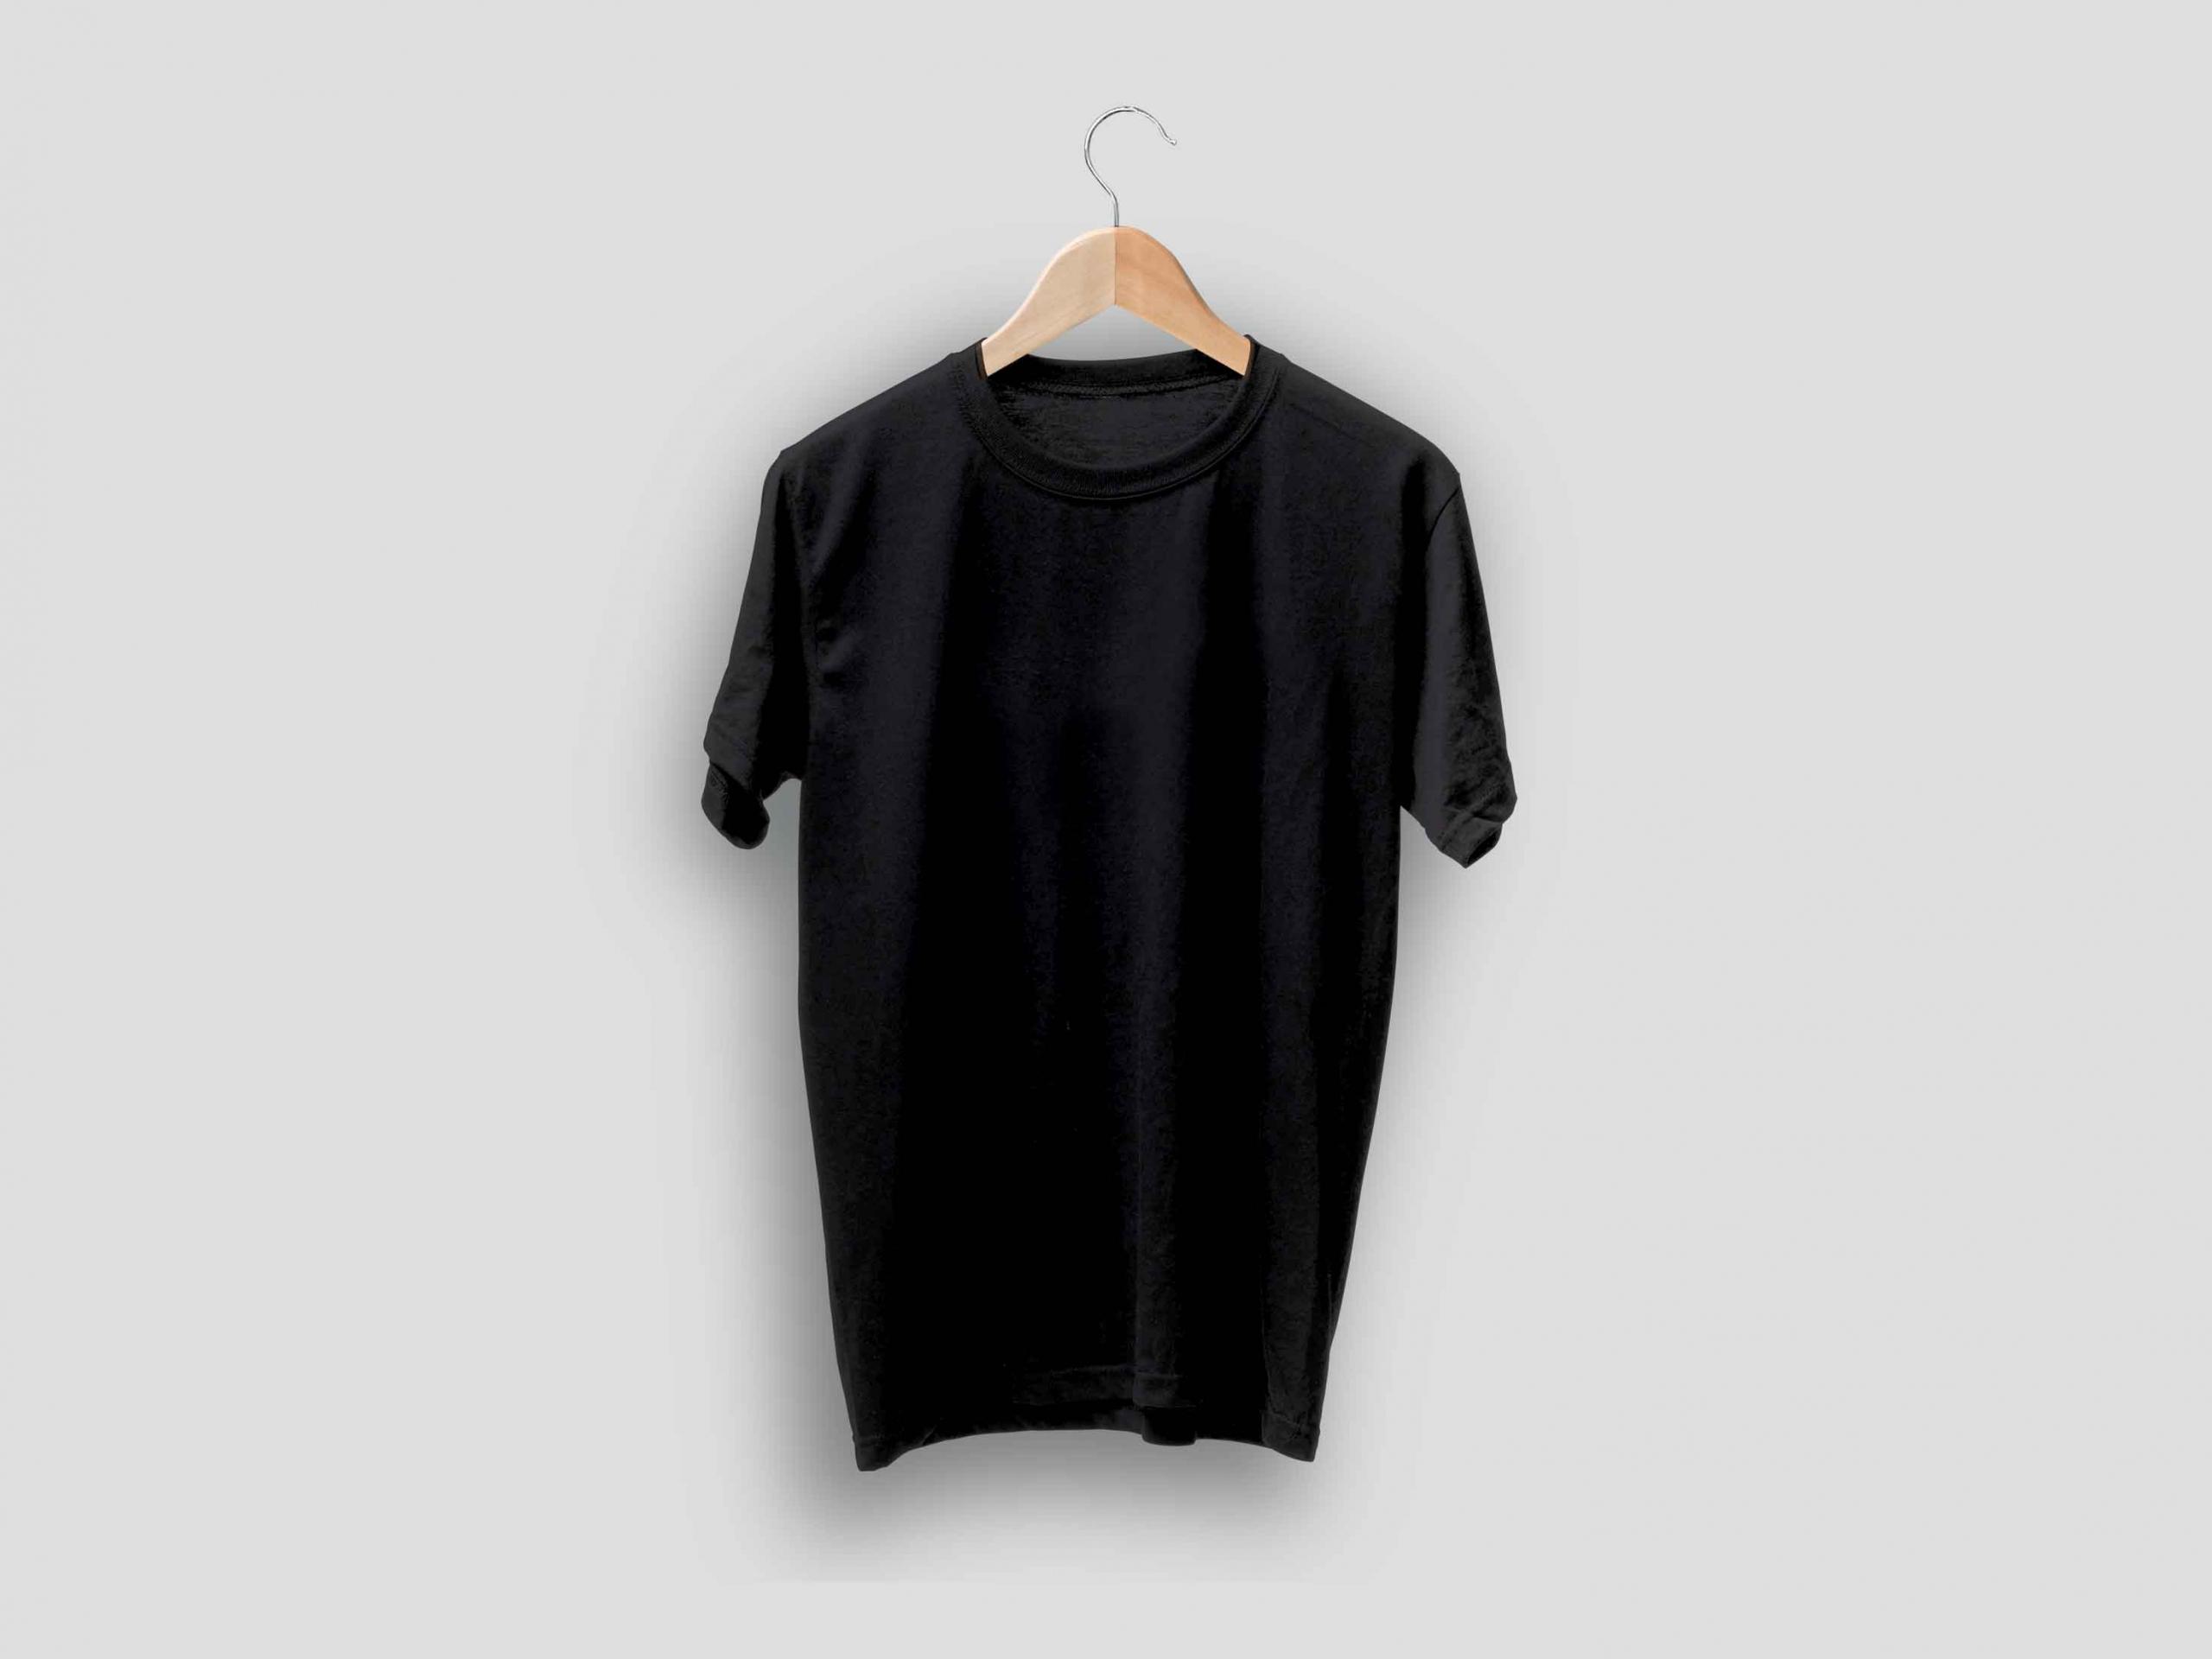 T-shirt Set on Hanger Mockup 2